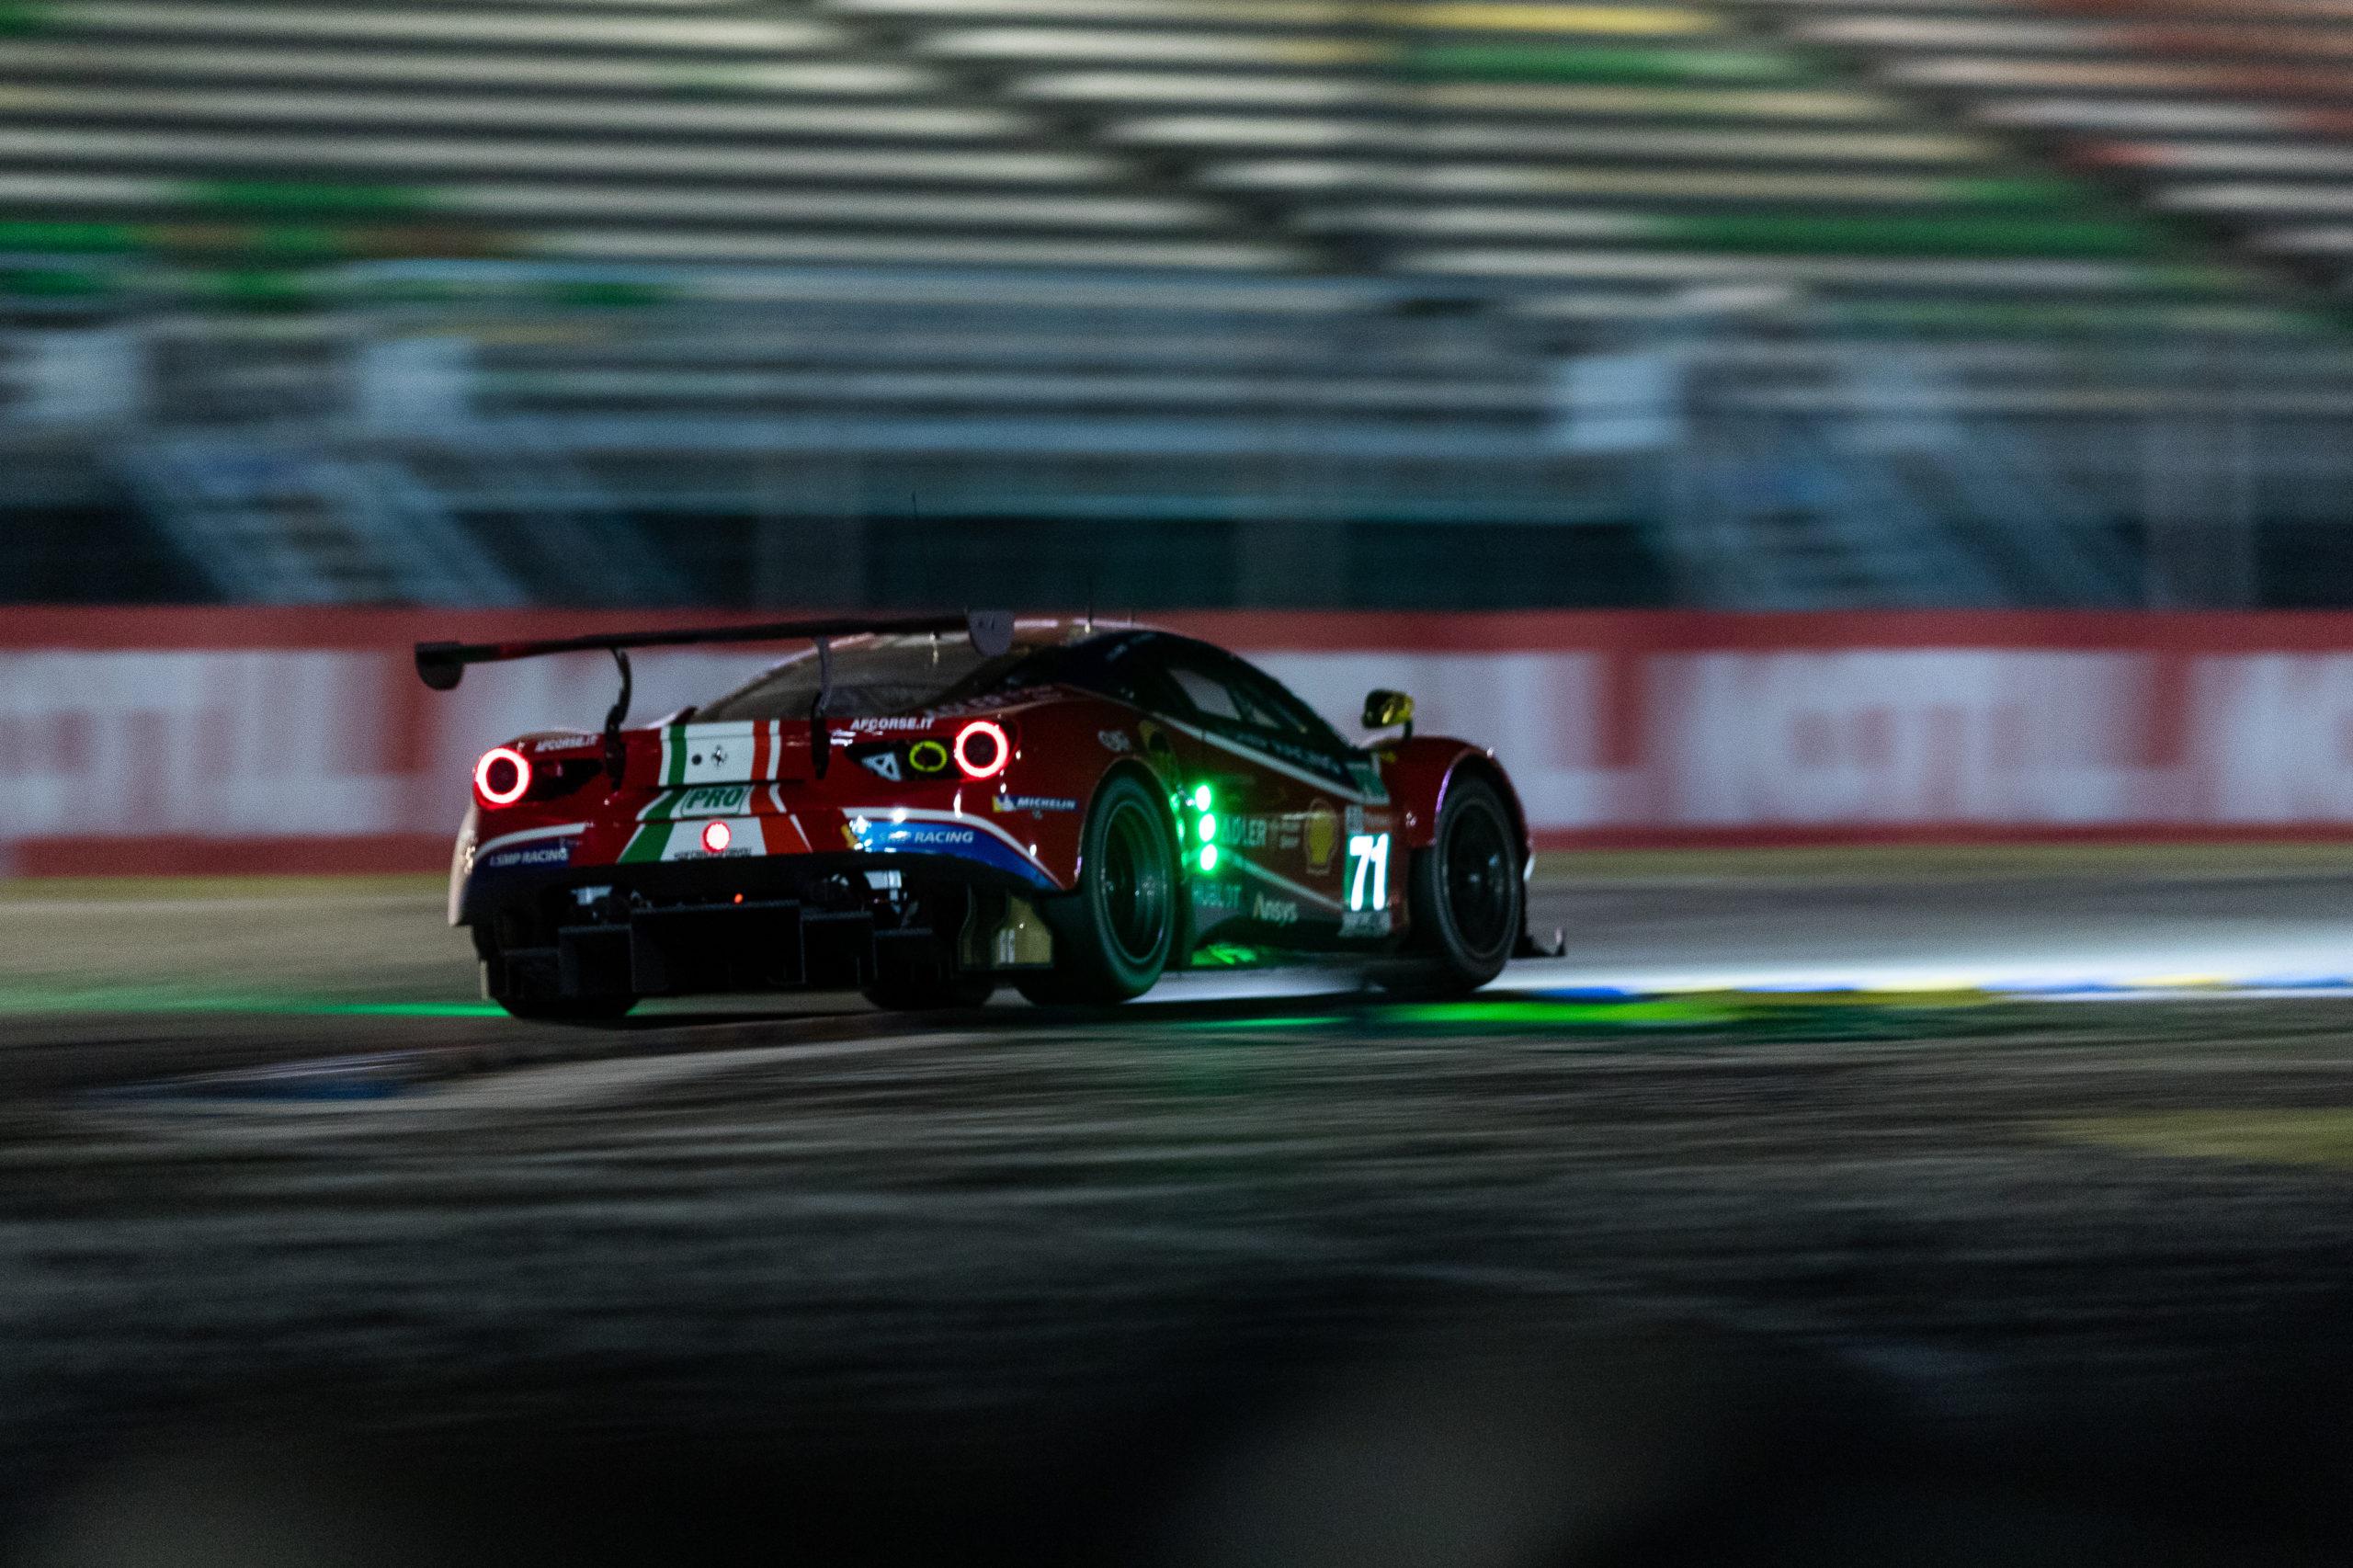 #71 AF CORSE / ITA / Ferrari 488 GTE EVO - 24h of Le Mans - Circuit de la Sarthe - Le Mans - France -